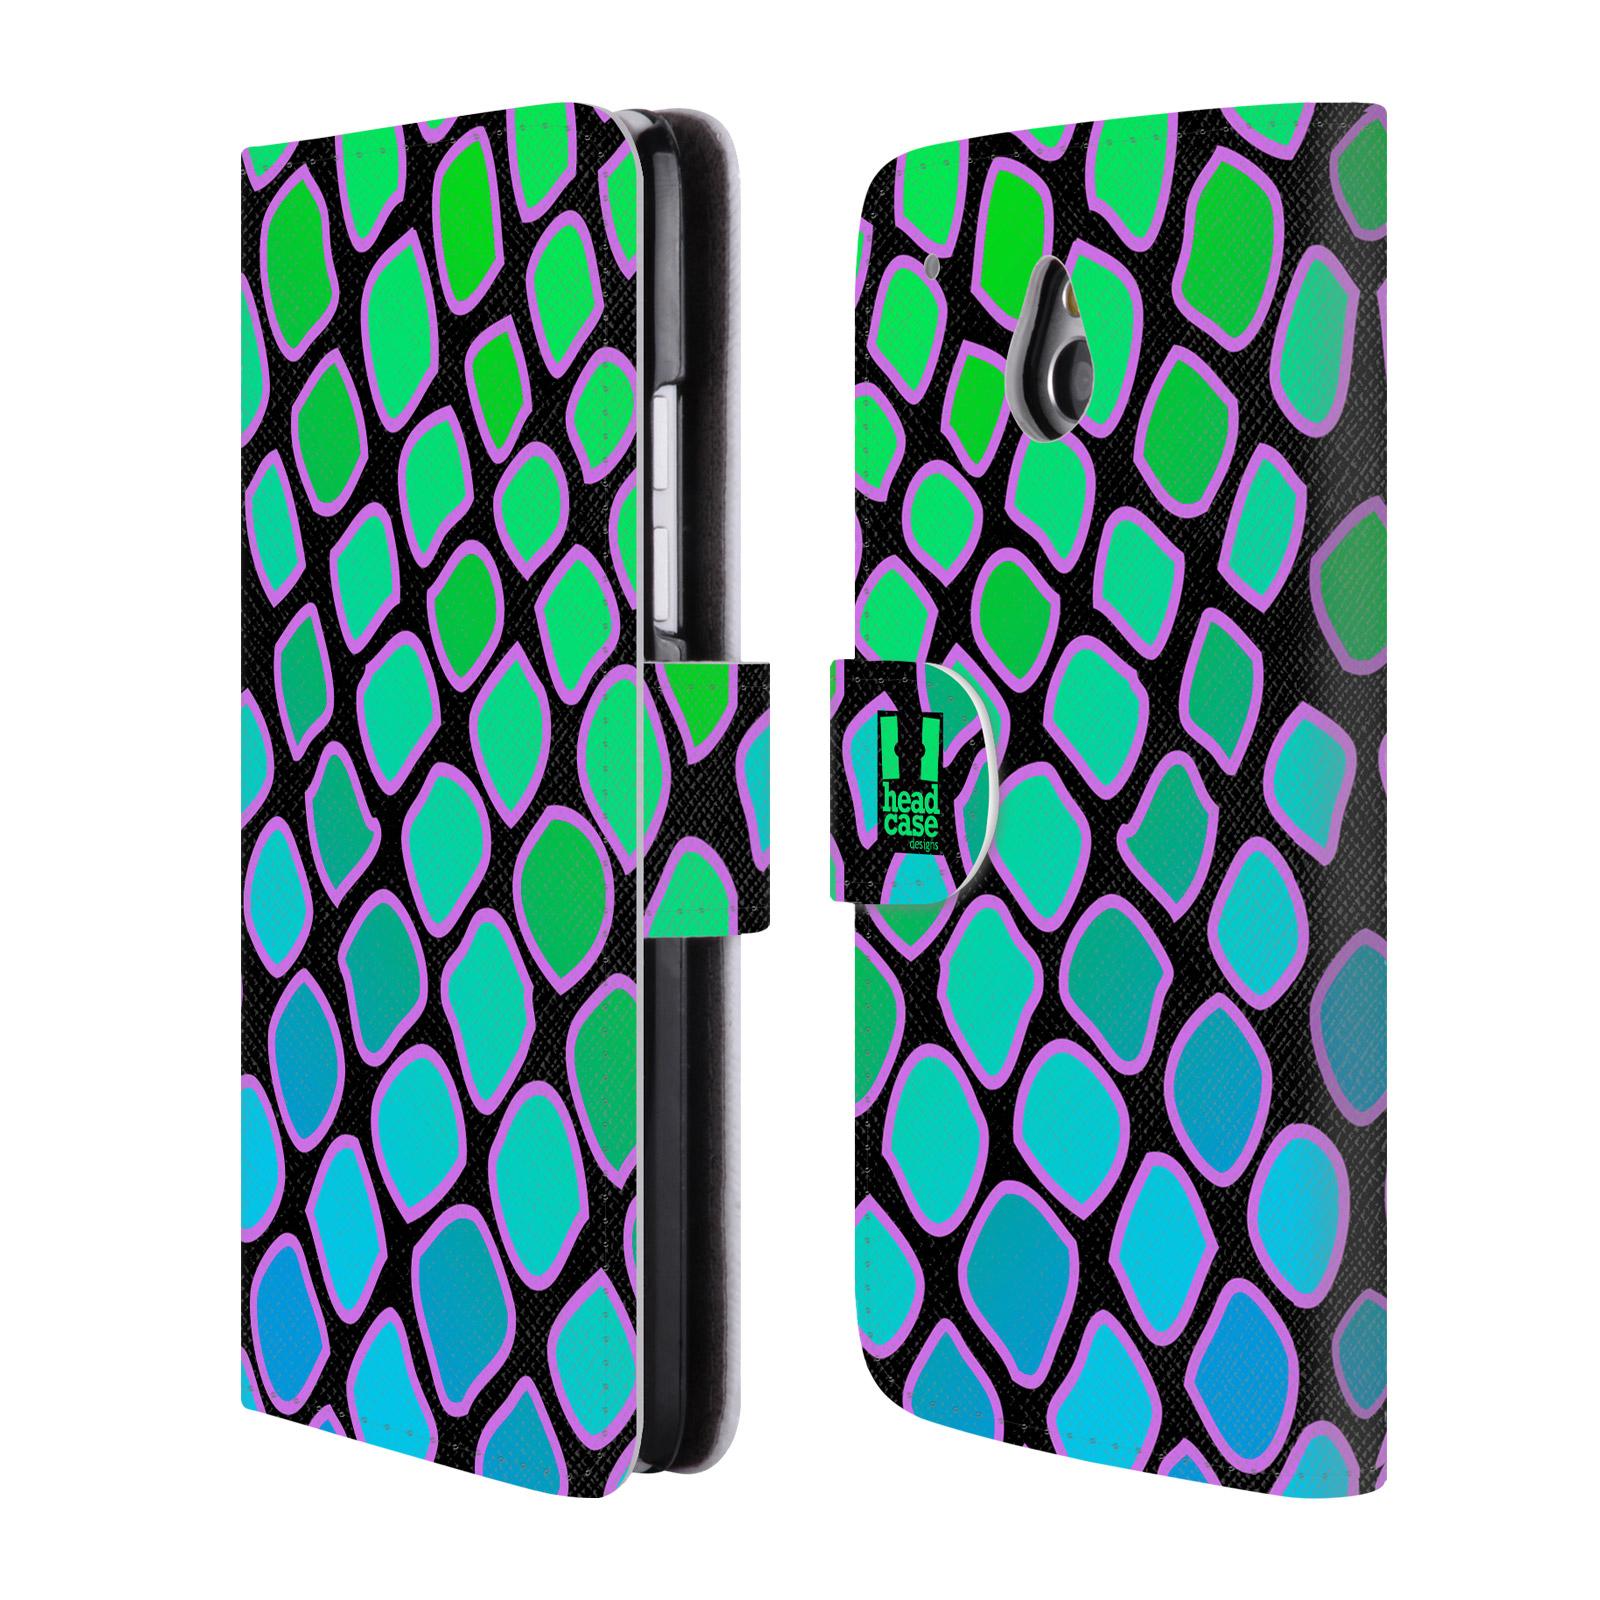 HEAD CASE Flipové pouzdro pro mobil HTC ONE MINI (M4) Zvířecí barevné vzory vodní had modrá a zelená barva AQUA